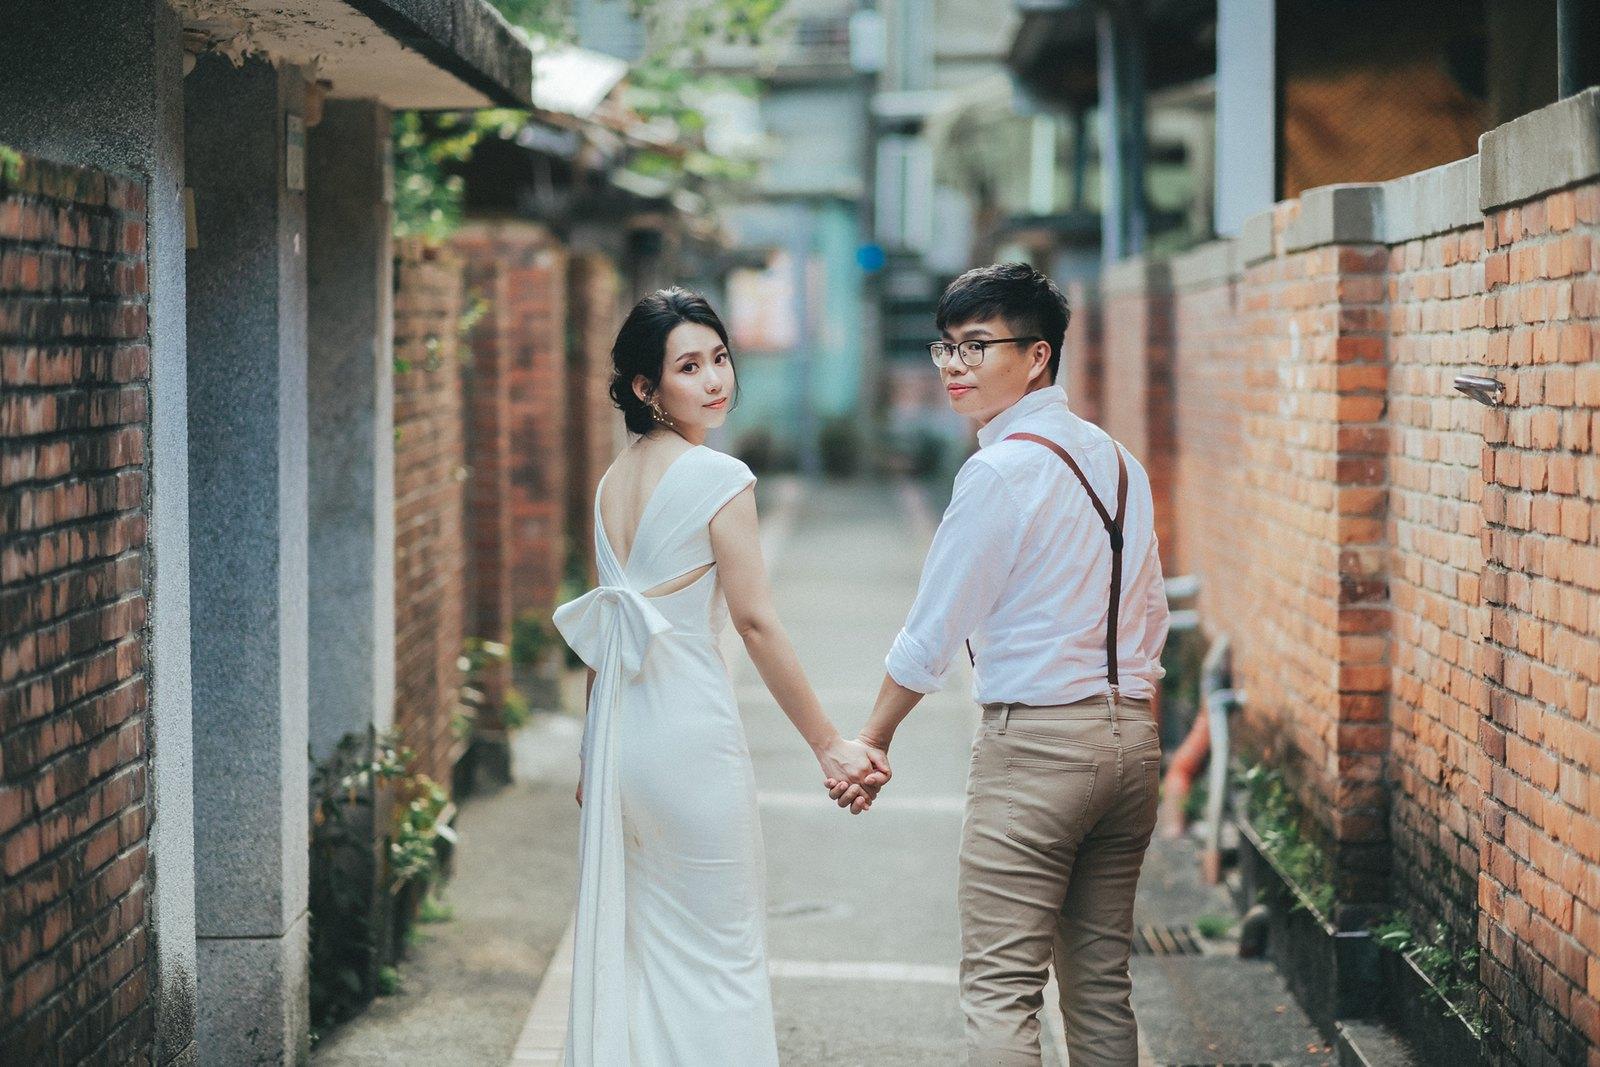 【婚紗】Darren & Mona / 政大河堤 / 眷村婚紗 / 化南新村